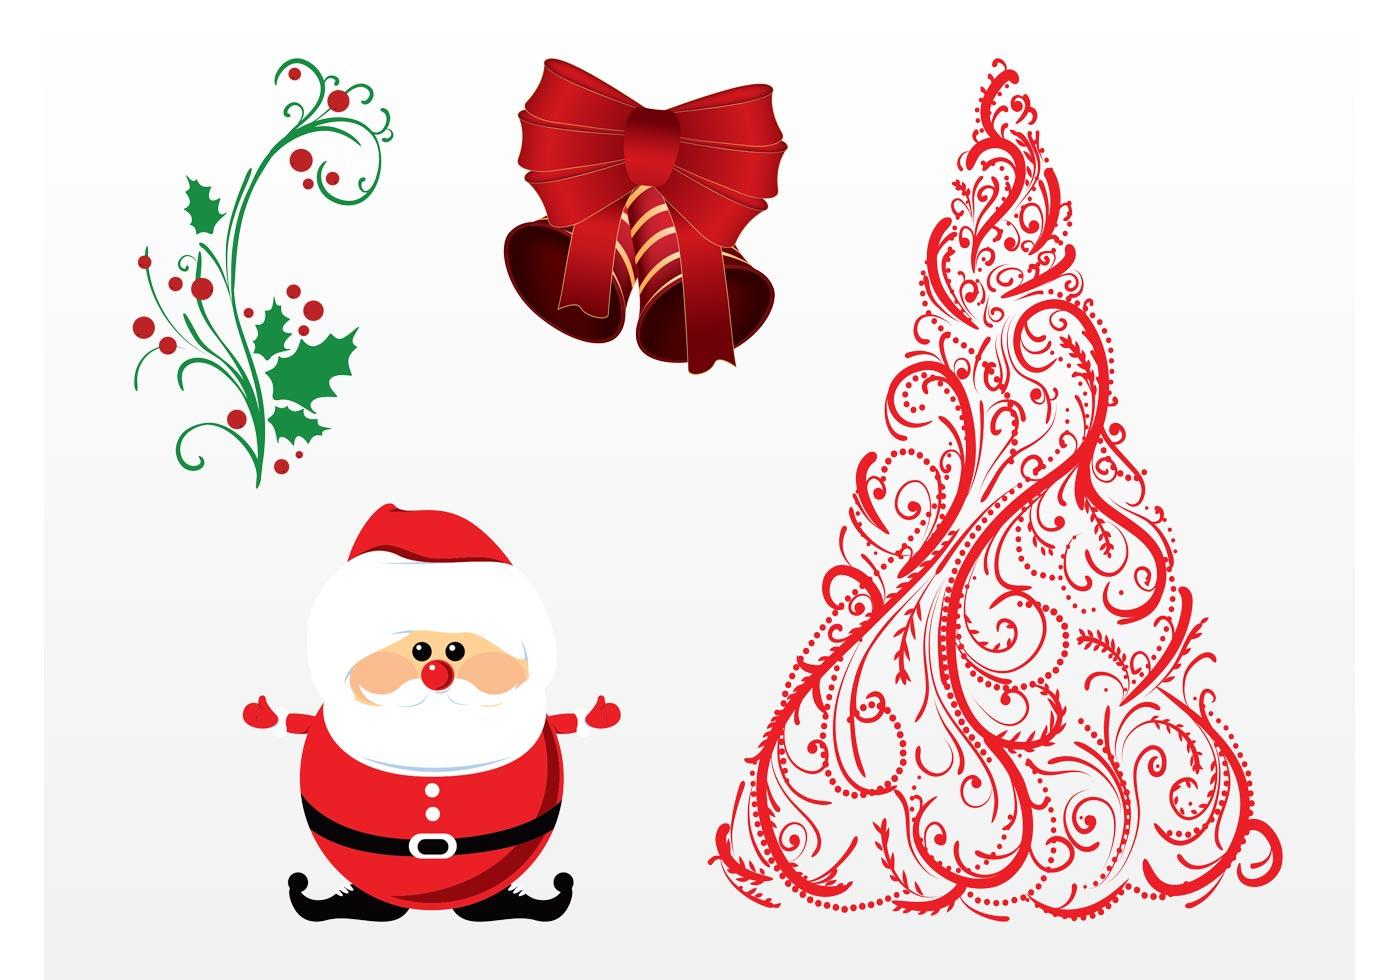 Merry christmas vectors download free vector art stock graphics